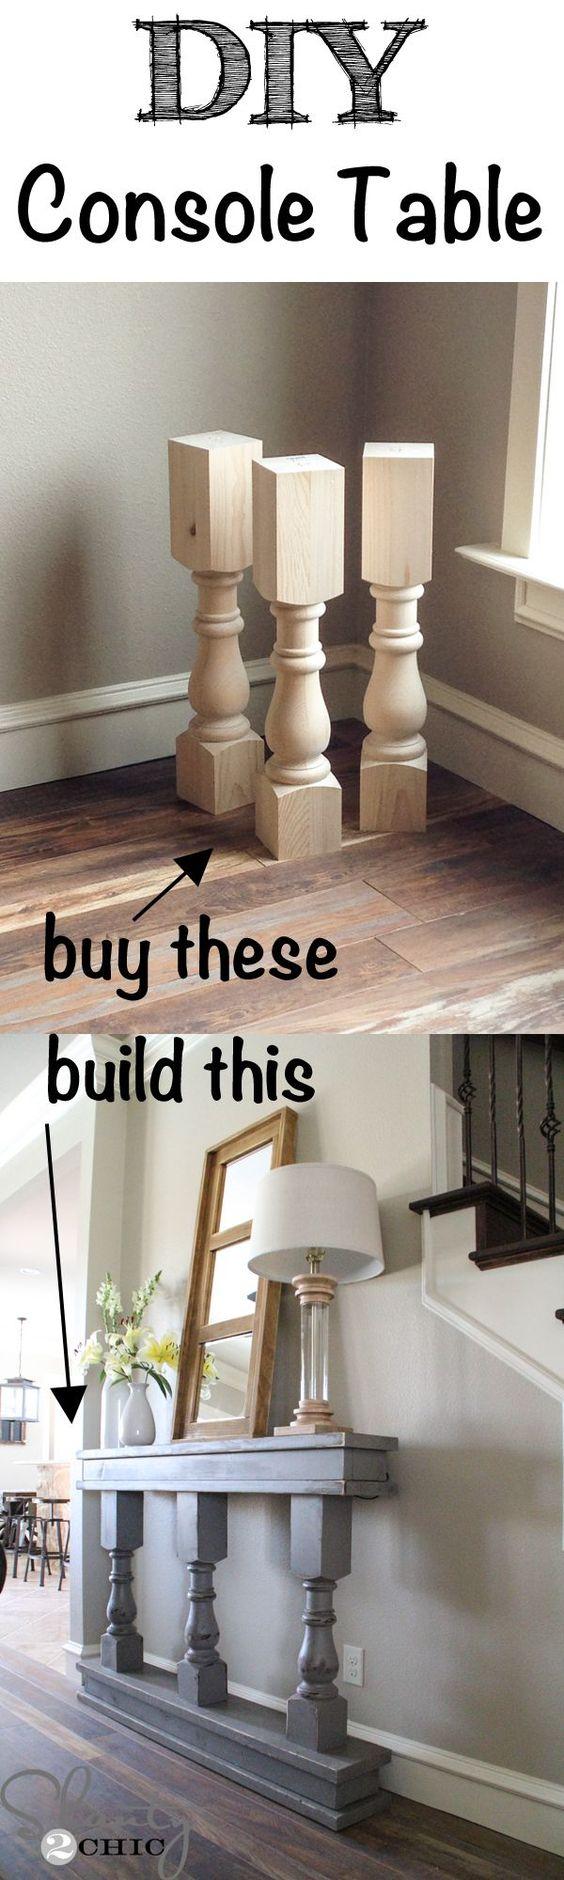 diy repurpose furniture 12